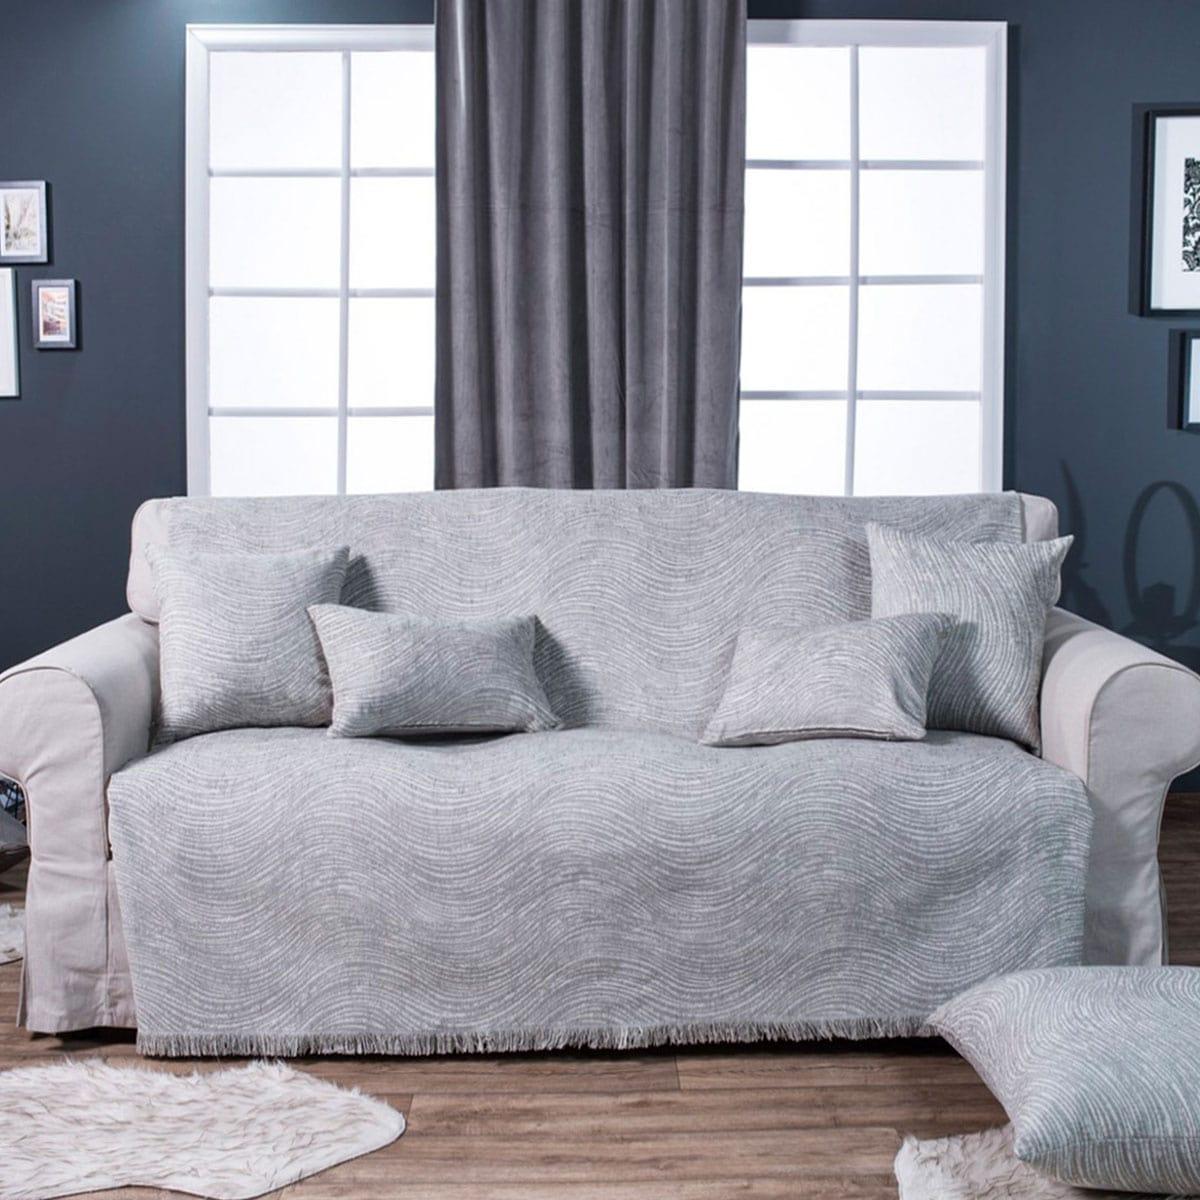 Μαξιλάρι Διακοσμητικό (Με Γέμιση) Δαπέδου Oregon 11 Light Grey Teoran 60X60 Ακρυλικό-Polyester